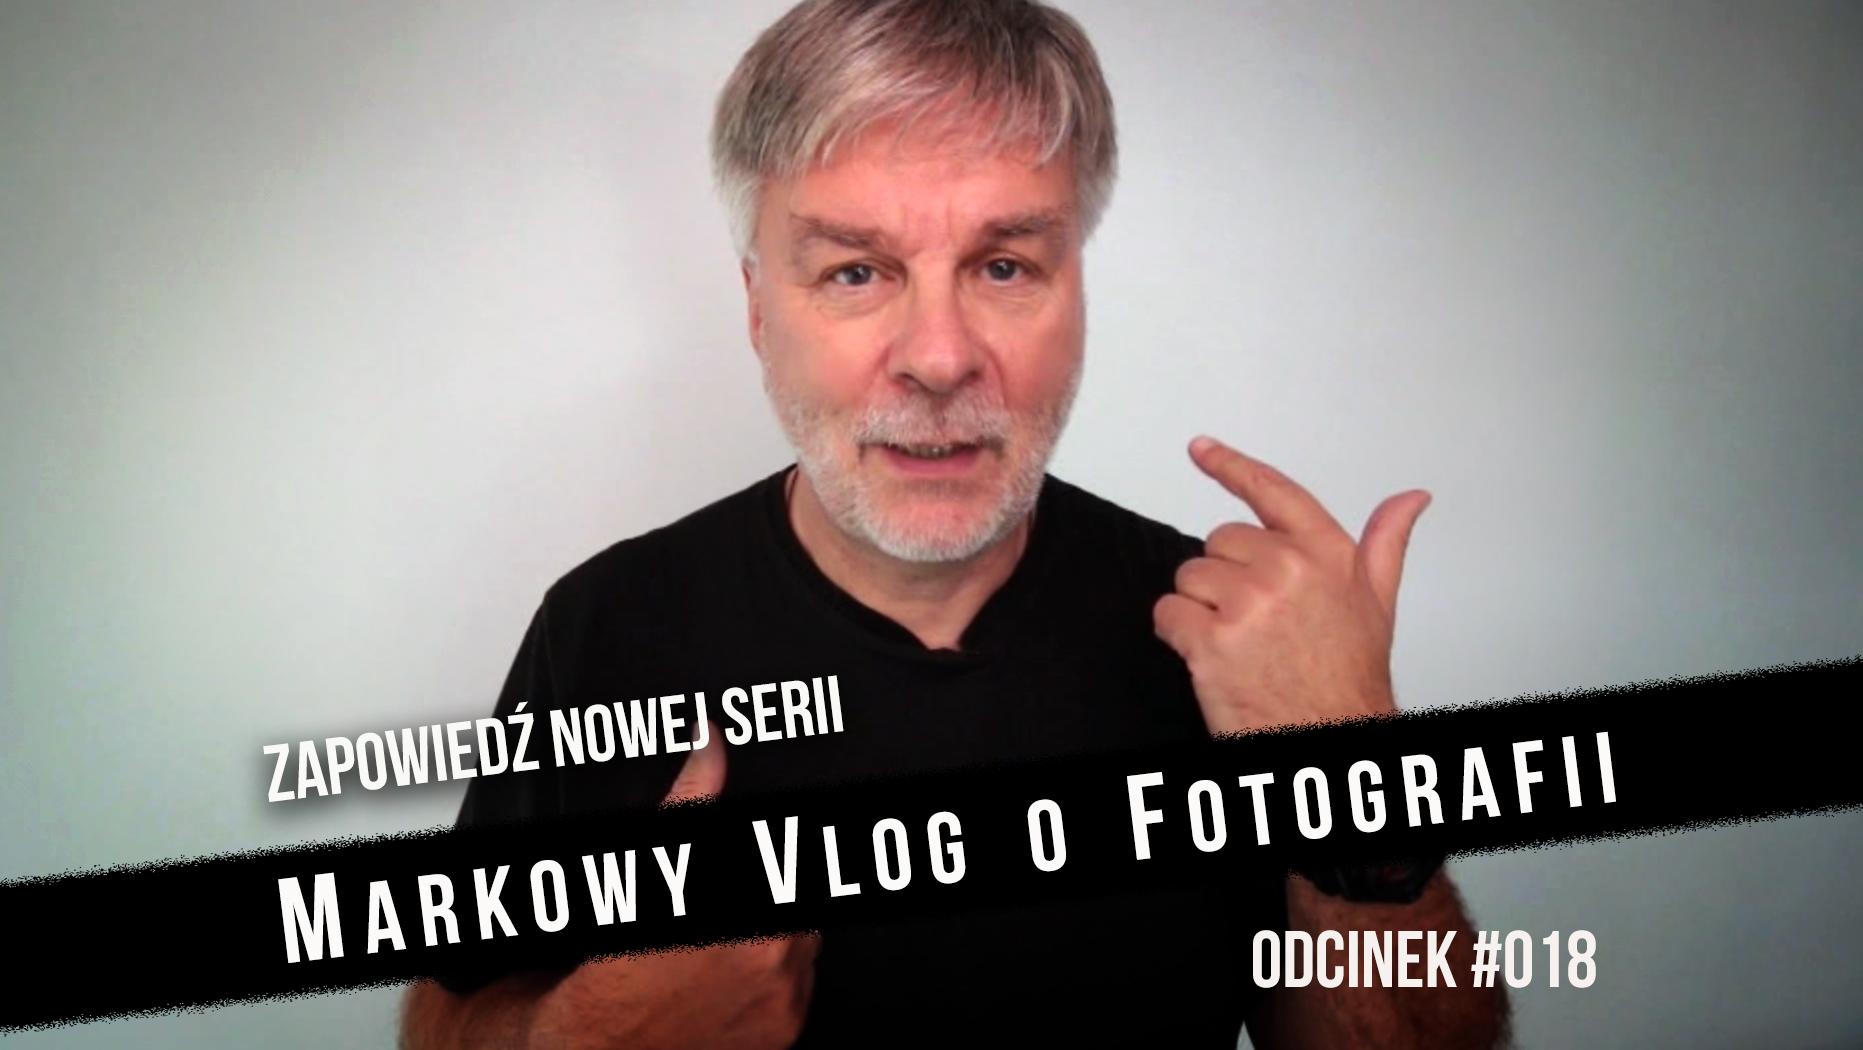 W CZERNI I BIELI O FOTOGRAFII – Vlog o Fotografii